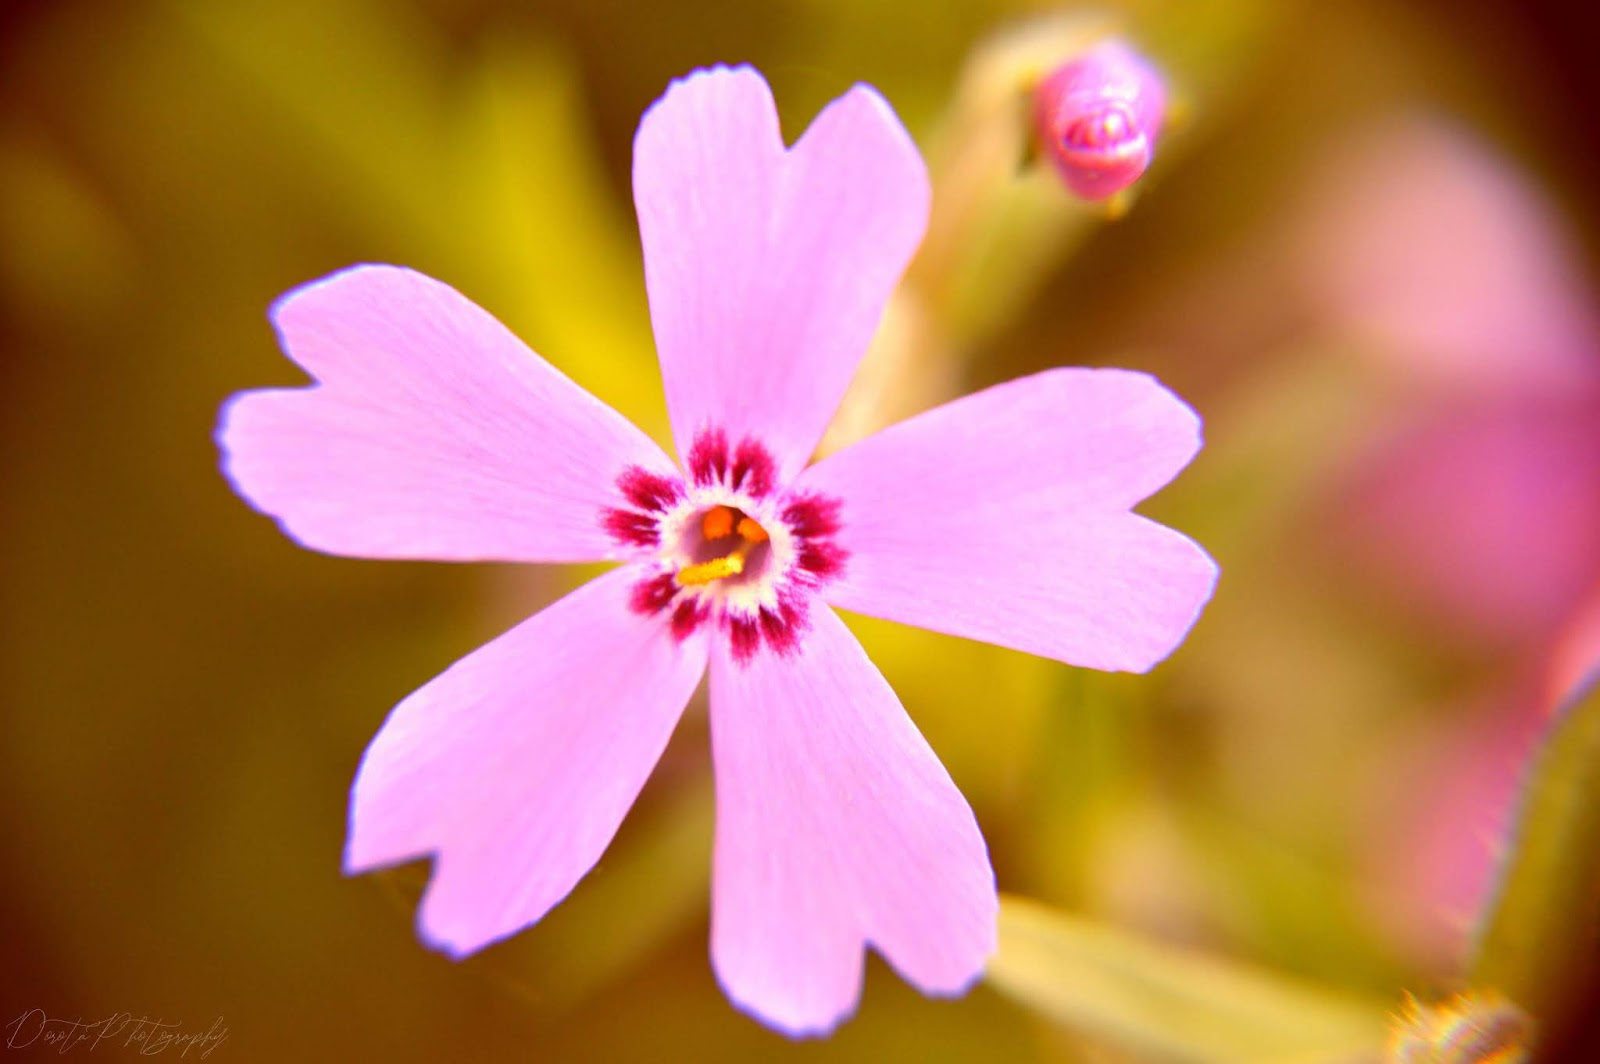 pobierz za darmo, tapety na pulpit, rośliny i kwiaty na fotografiach